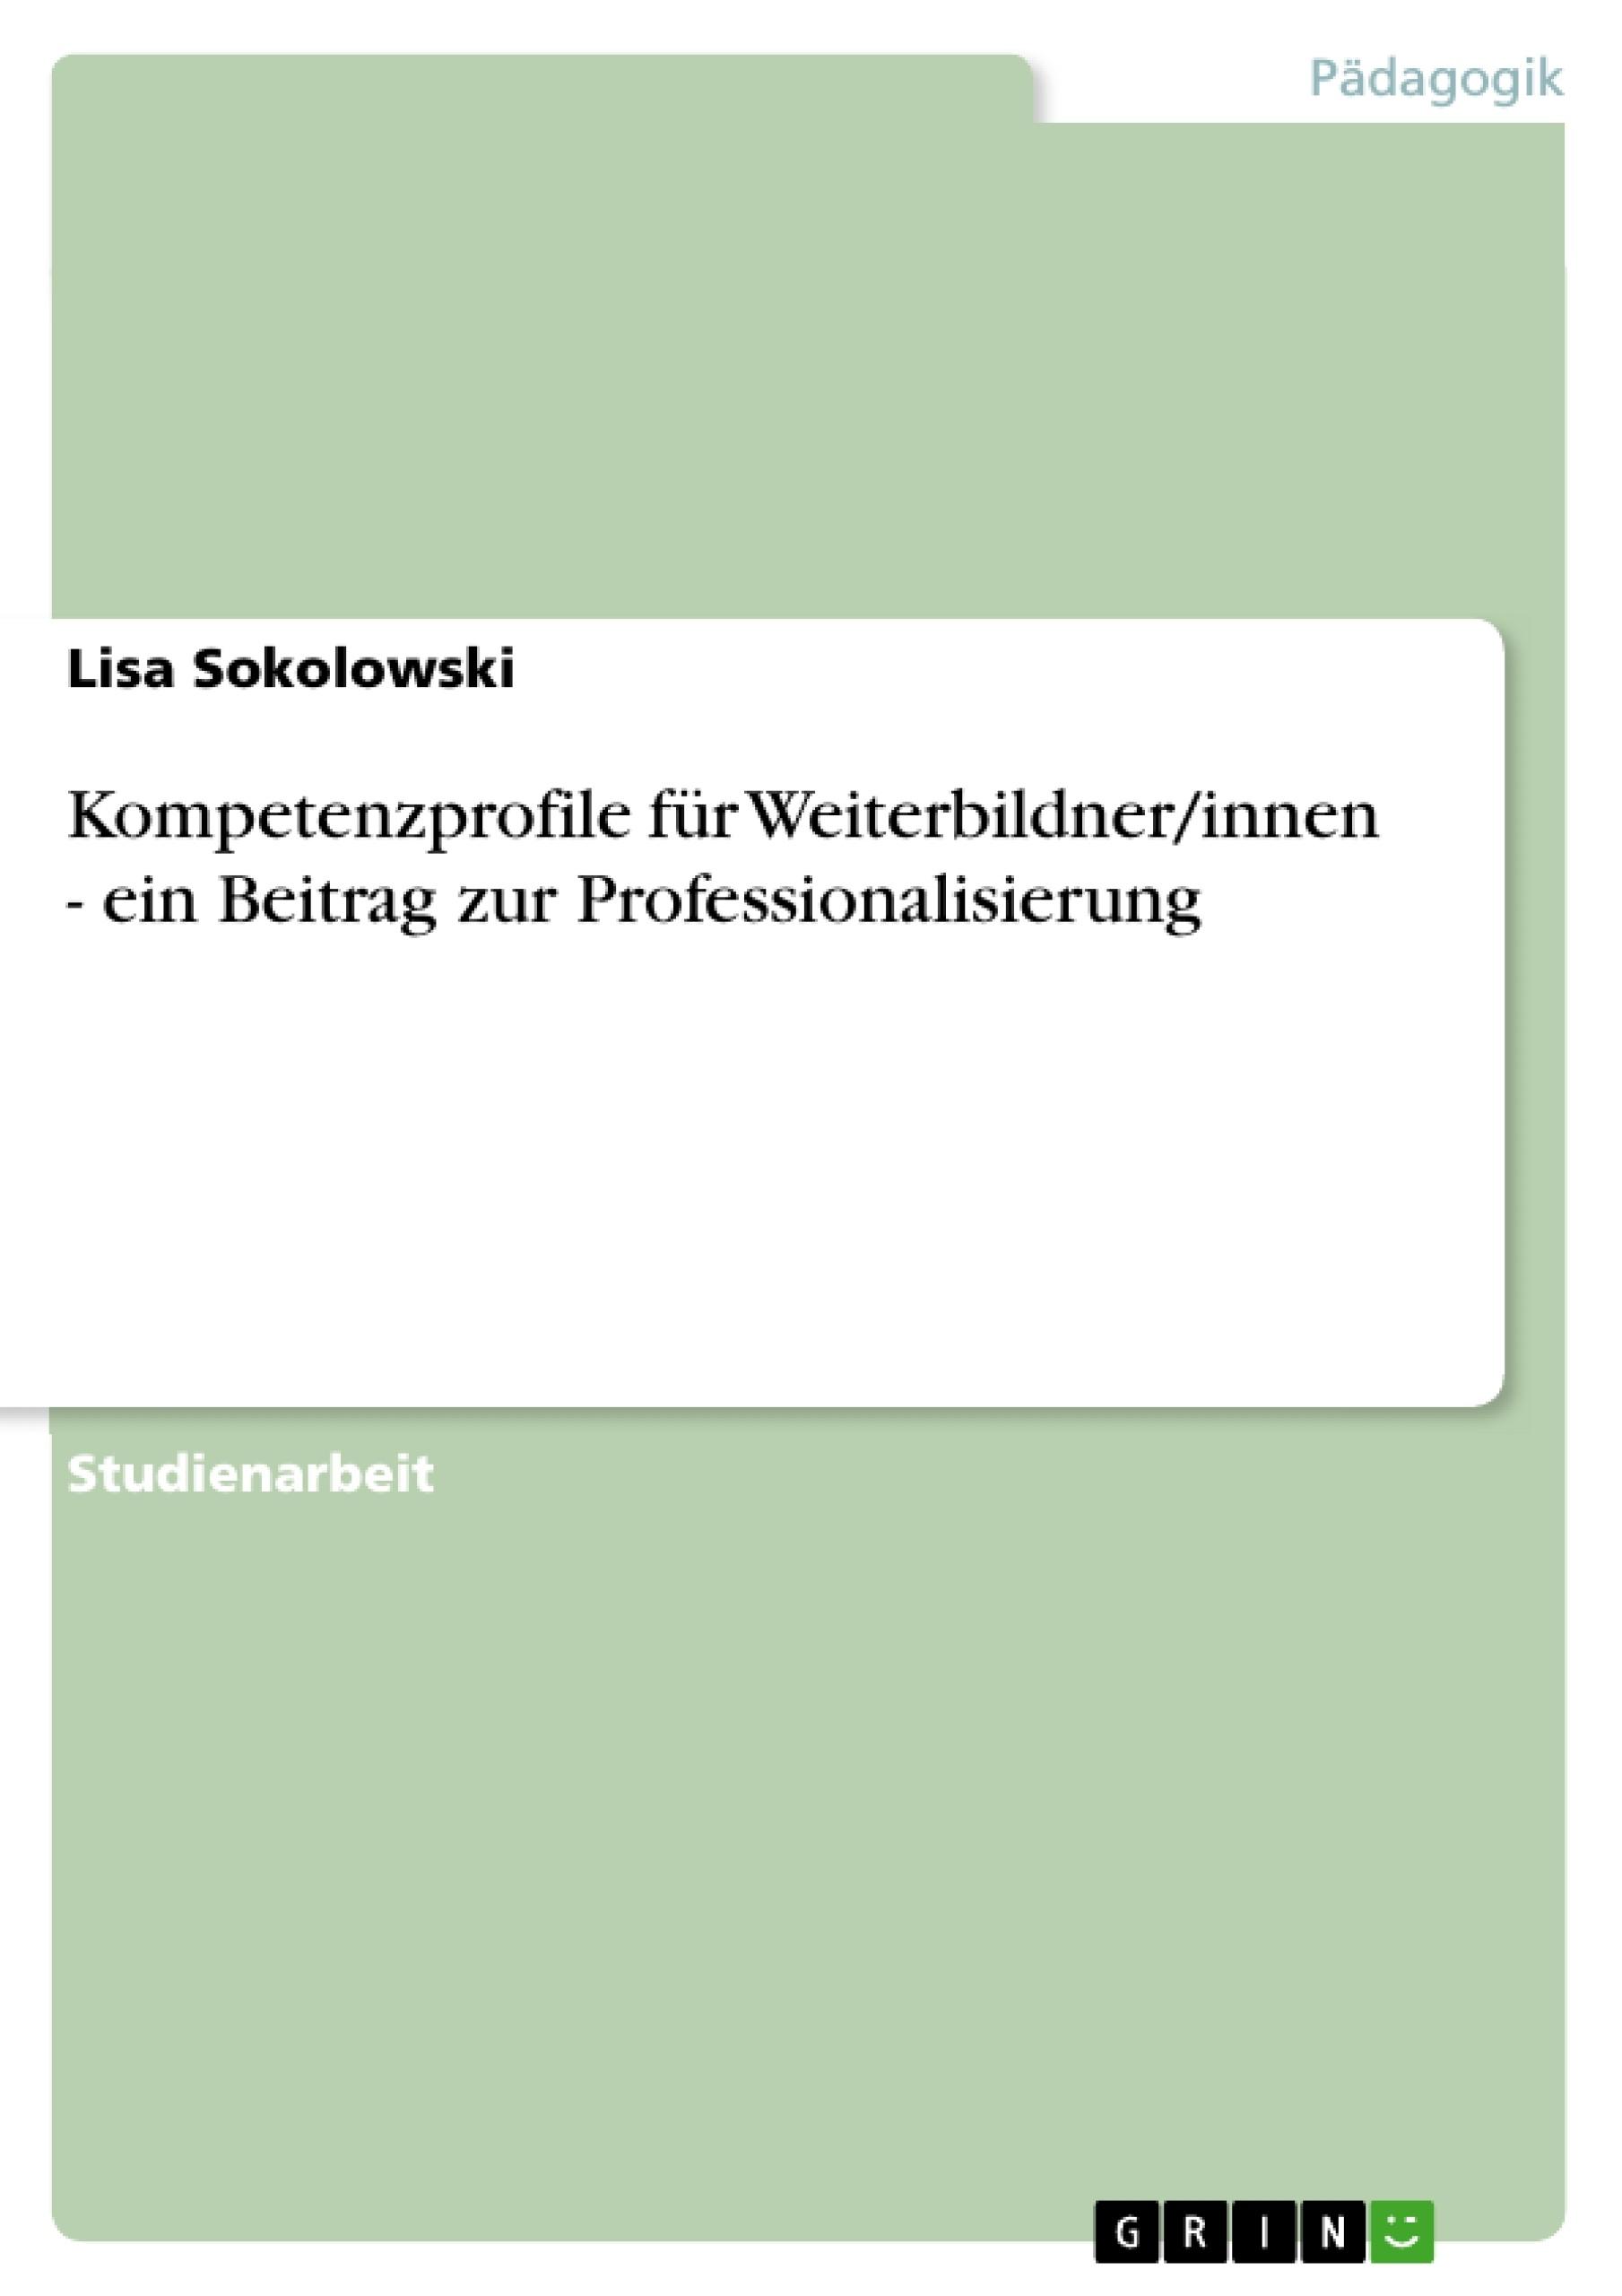 Titel: Kompetenzprofile für Weiterbildner/innen - ein Beitrag zur Professionalisierung